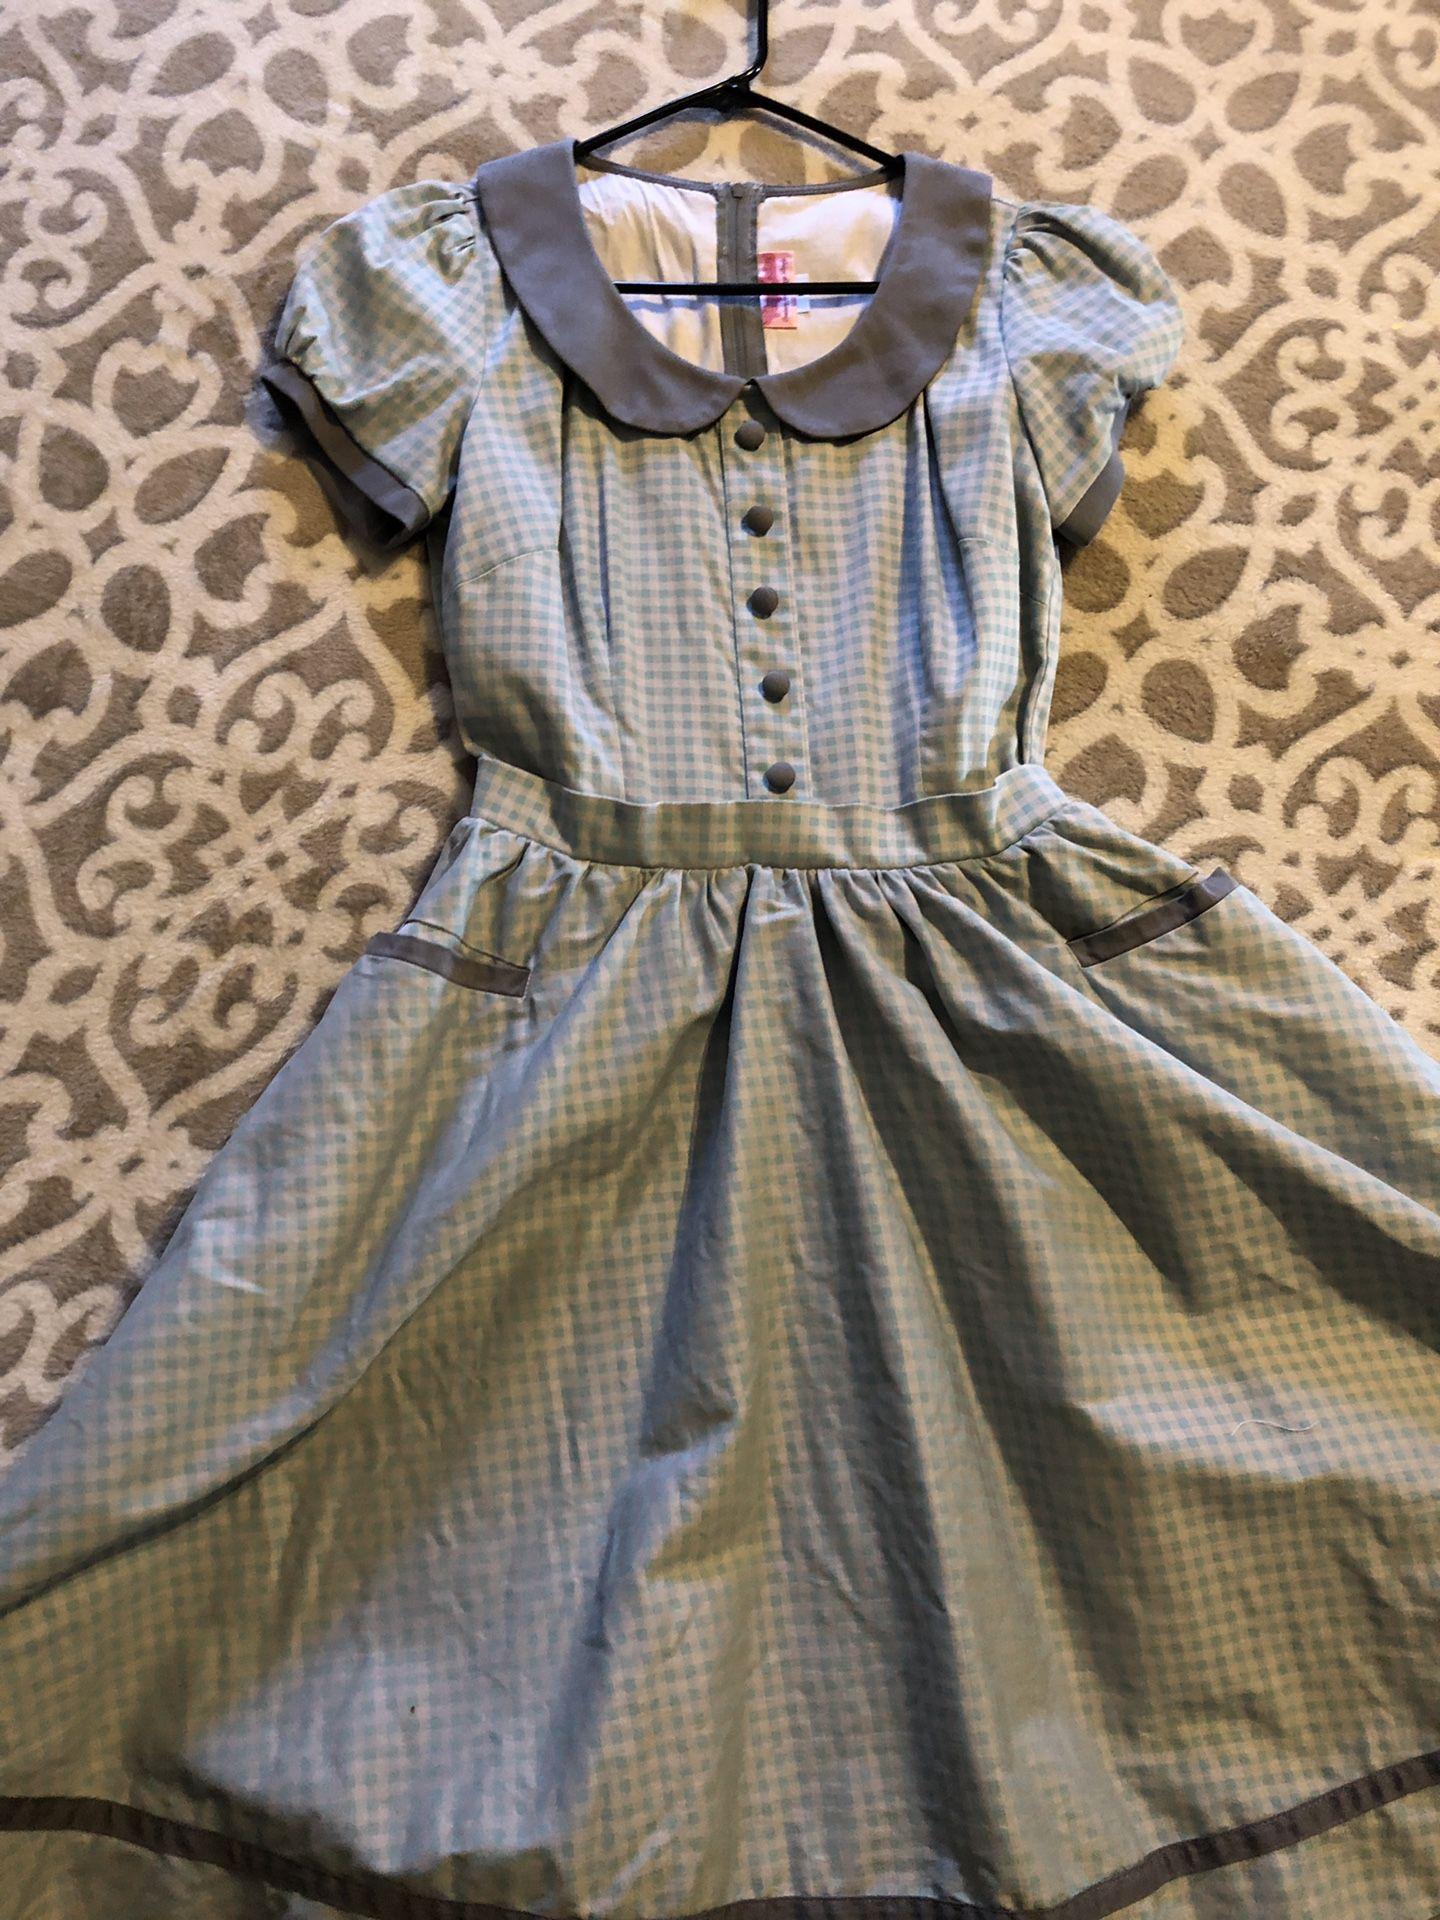 Pinupgirl clothing brand dresses